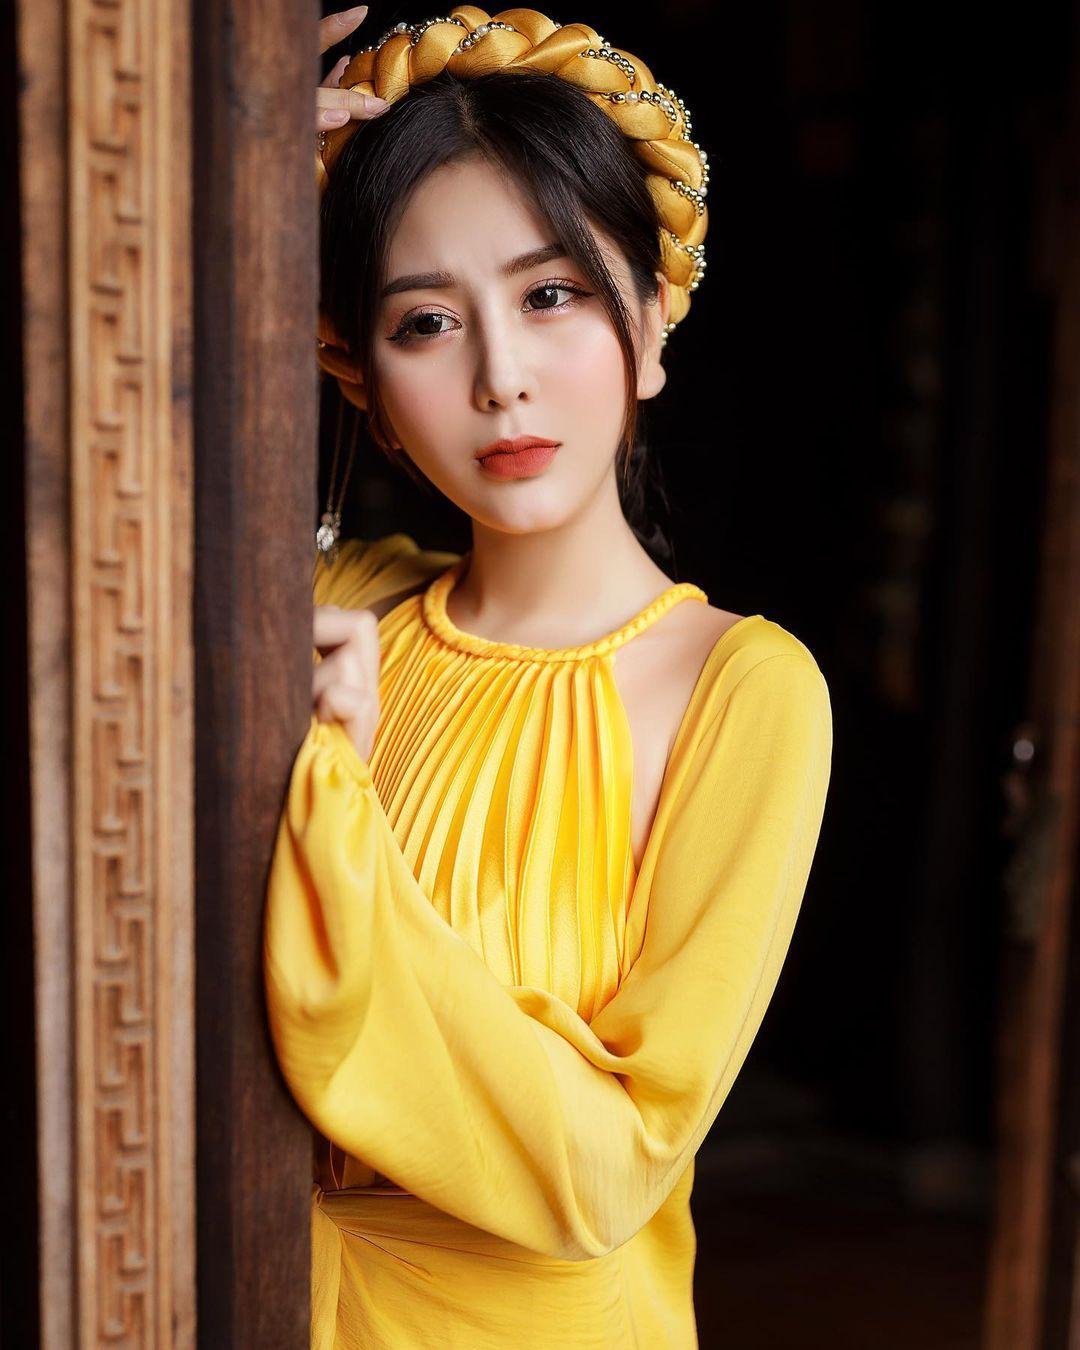 越南超人气网美「Chin」逆天身材看着就肾上激素上升~插图11